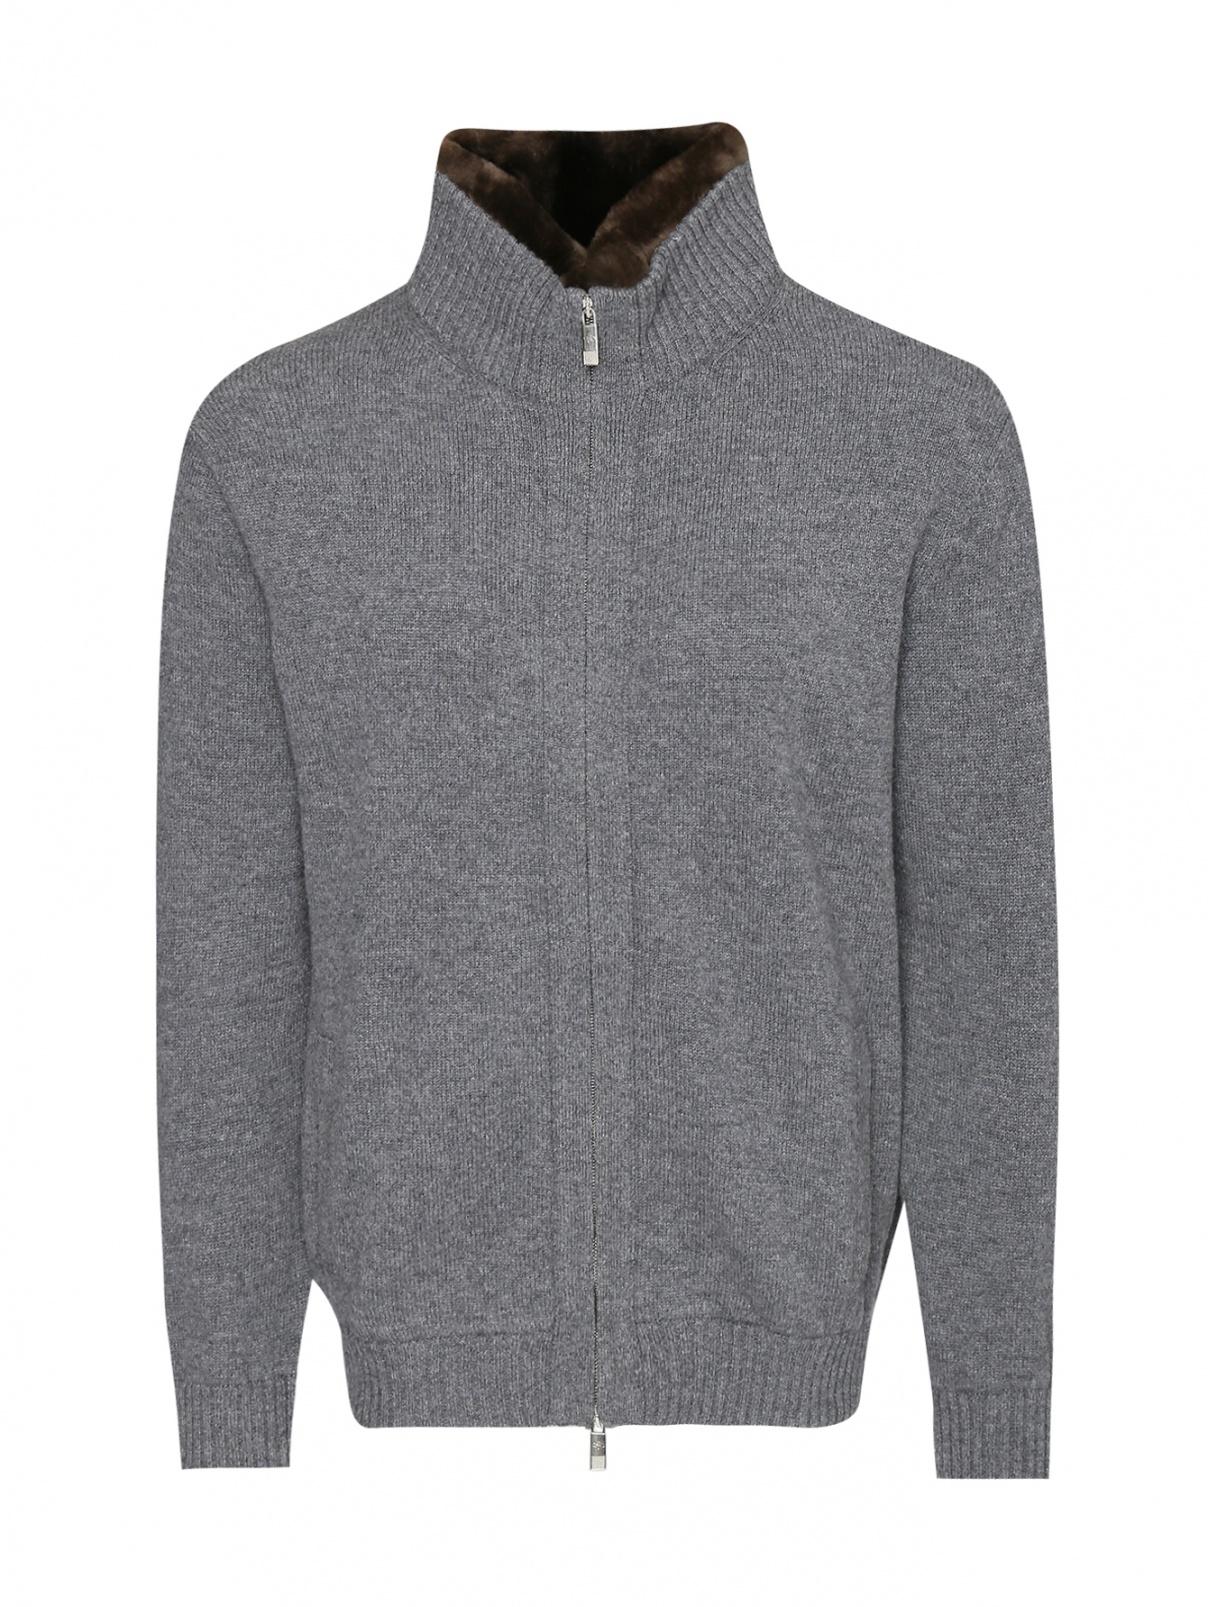 Джемпер из шерсти и кашемира на молнии с узором Pashmere  –  Общий вид  – Цвет:  Серый